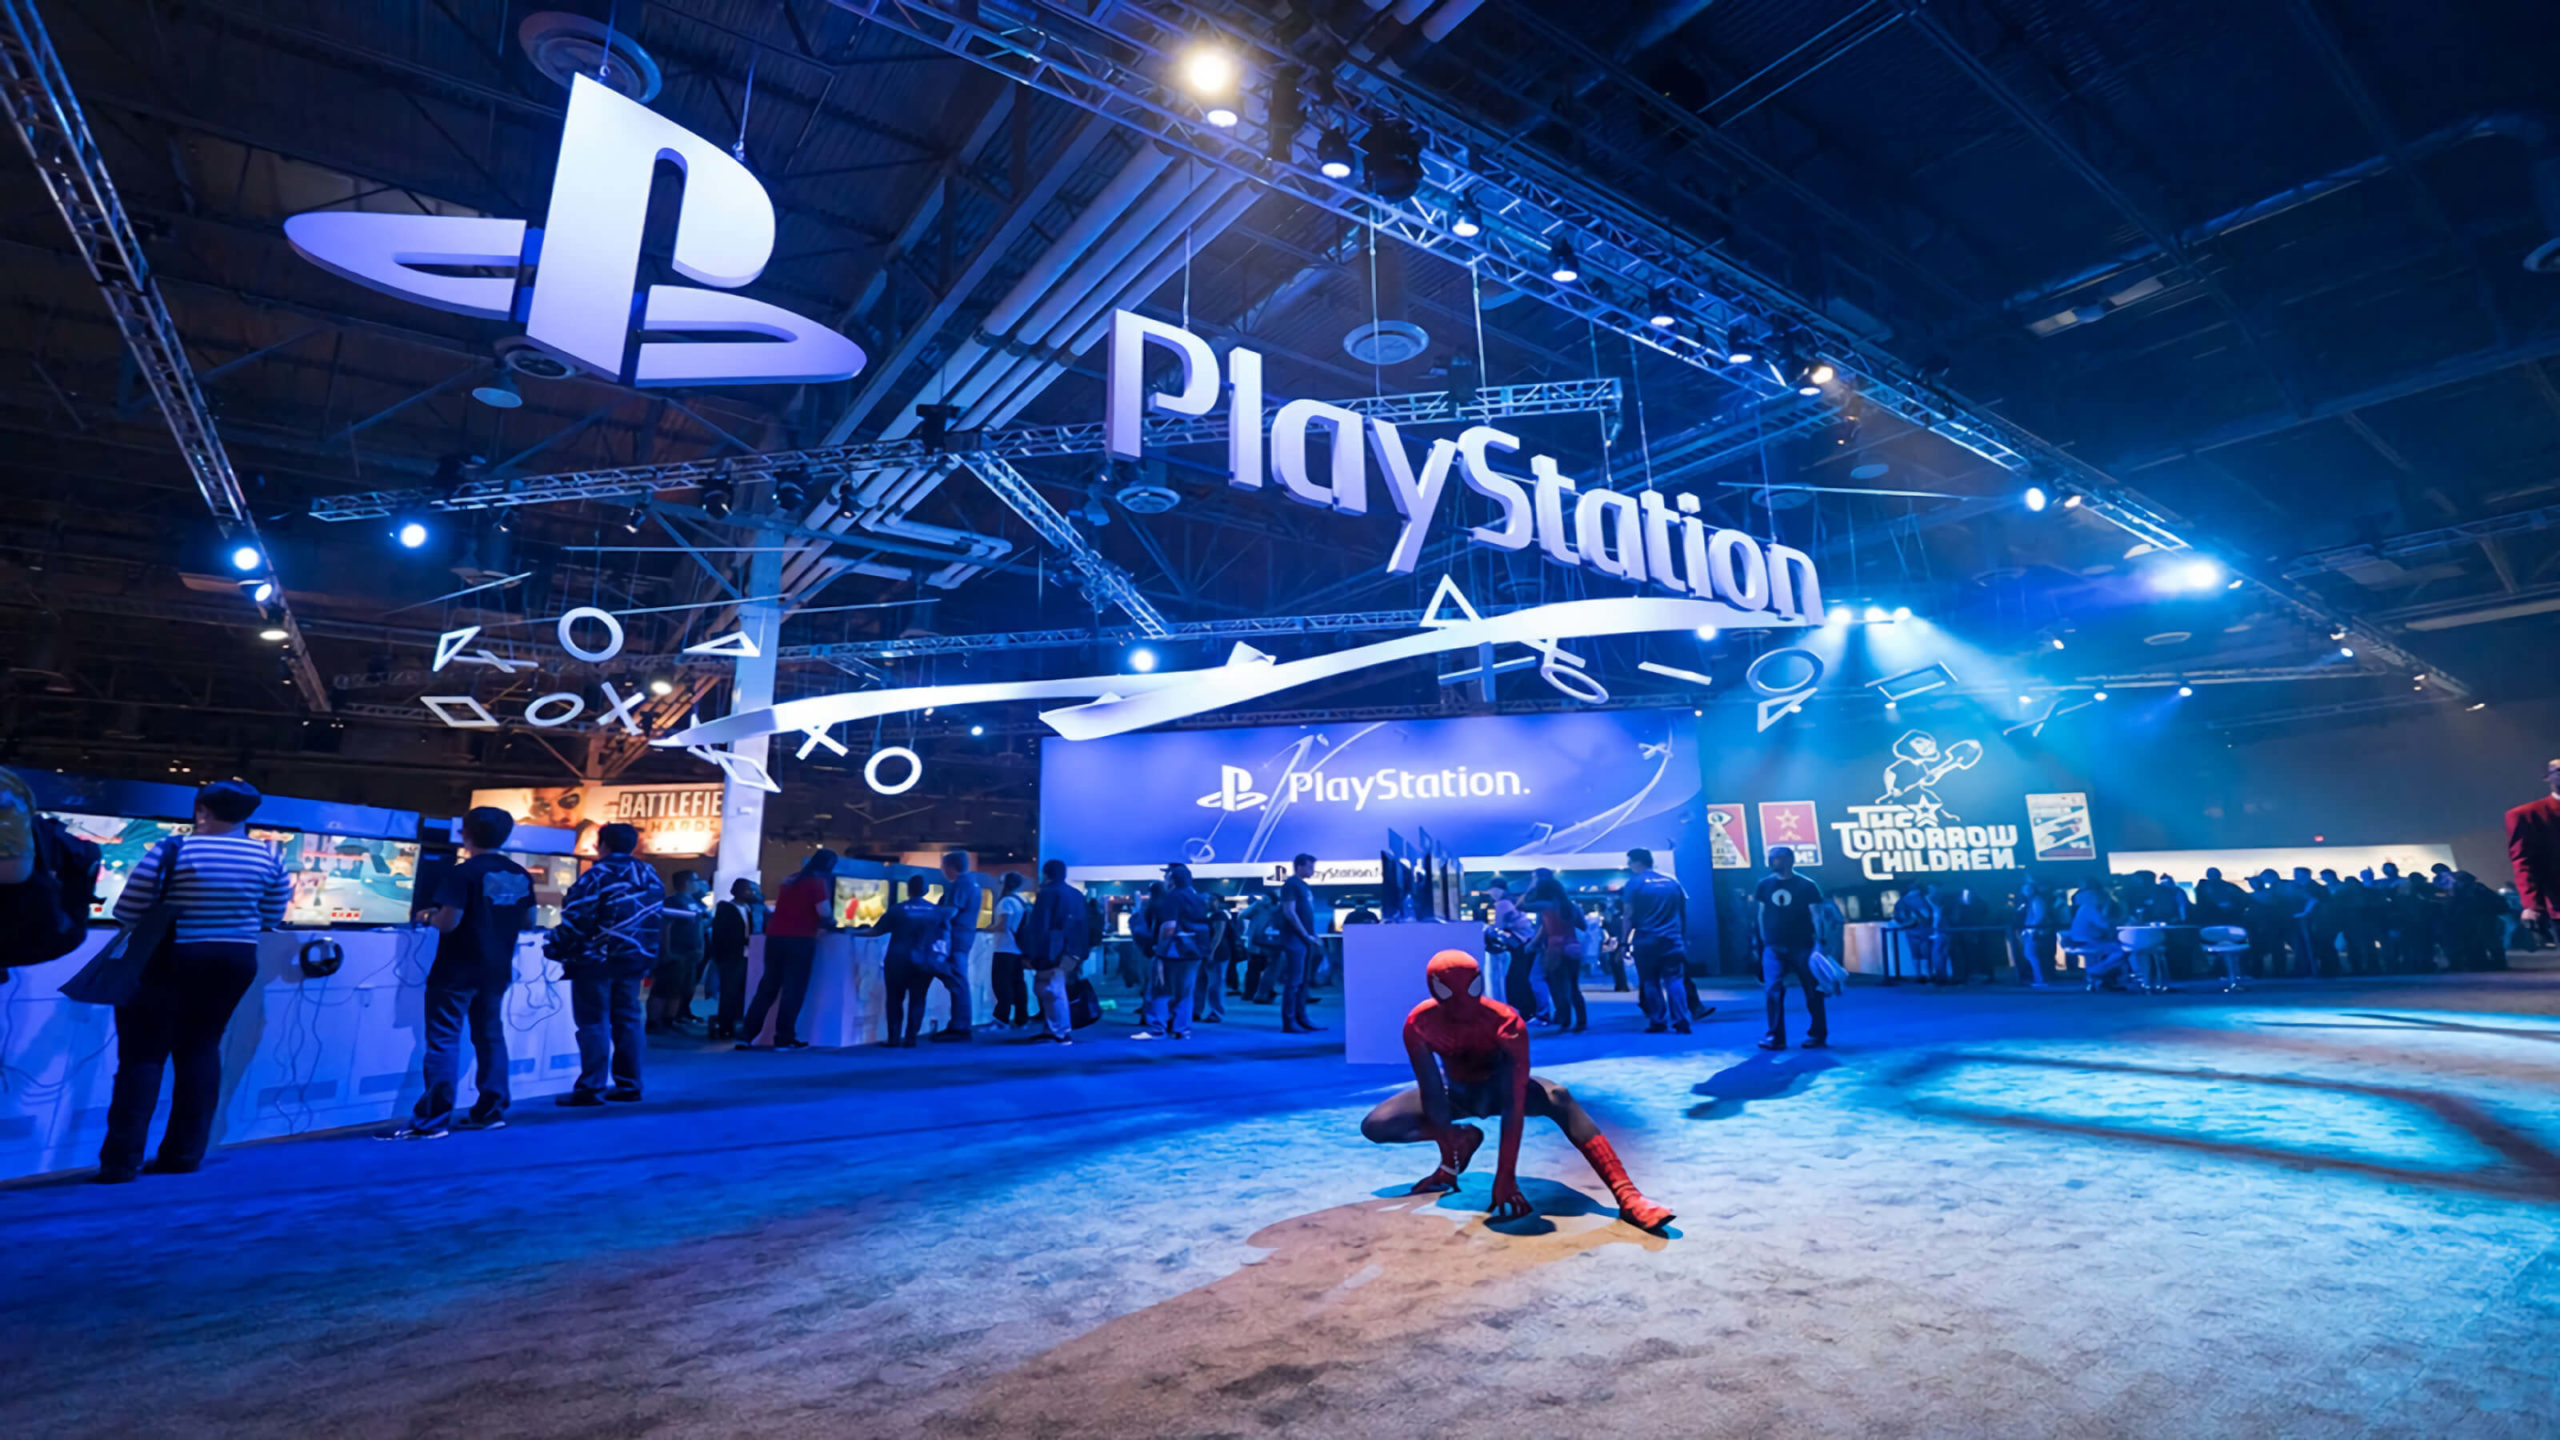 A data da PlayStation Experience, conferência que antes era na E3 pode ter vazado, neste evento, a Sony costuma revelar os seus jogos.